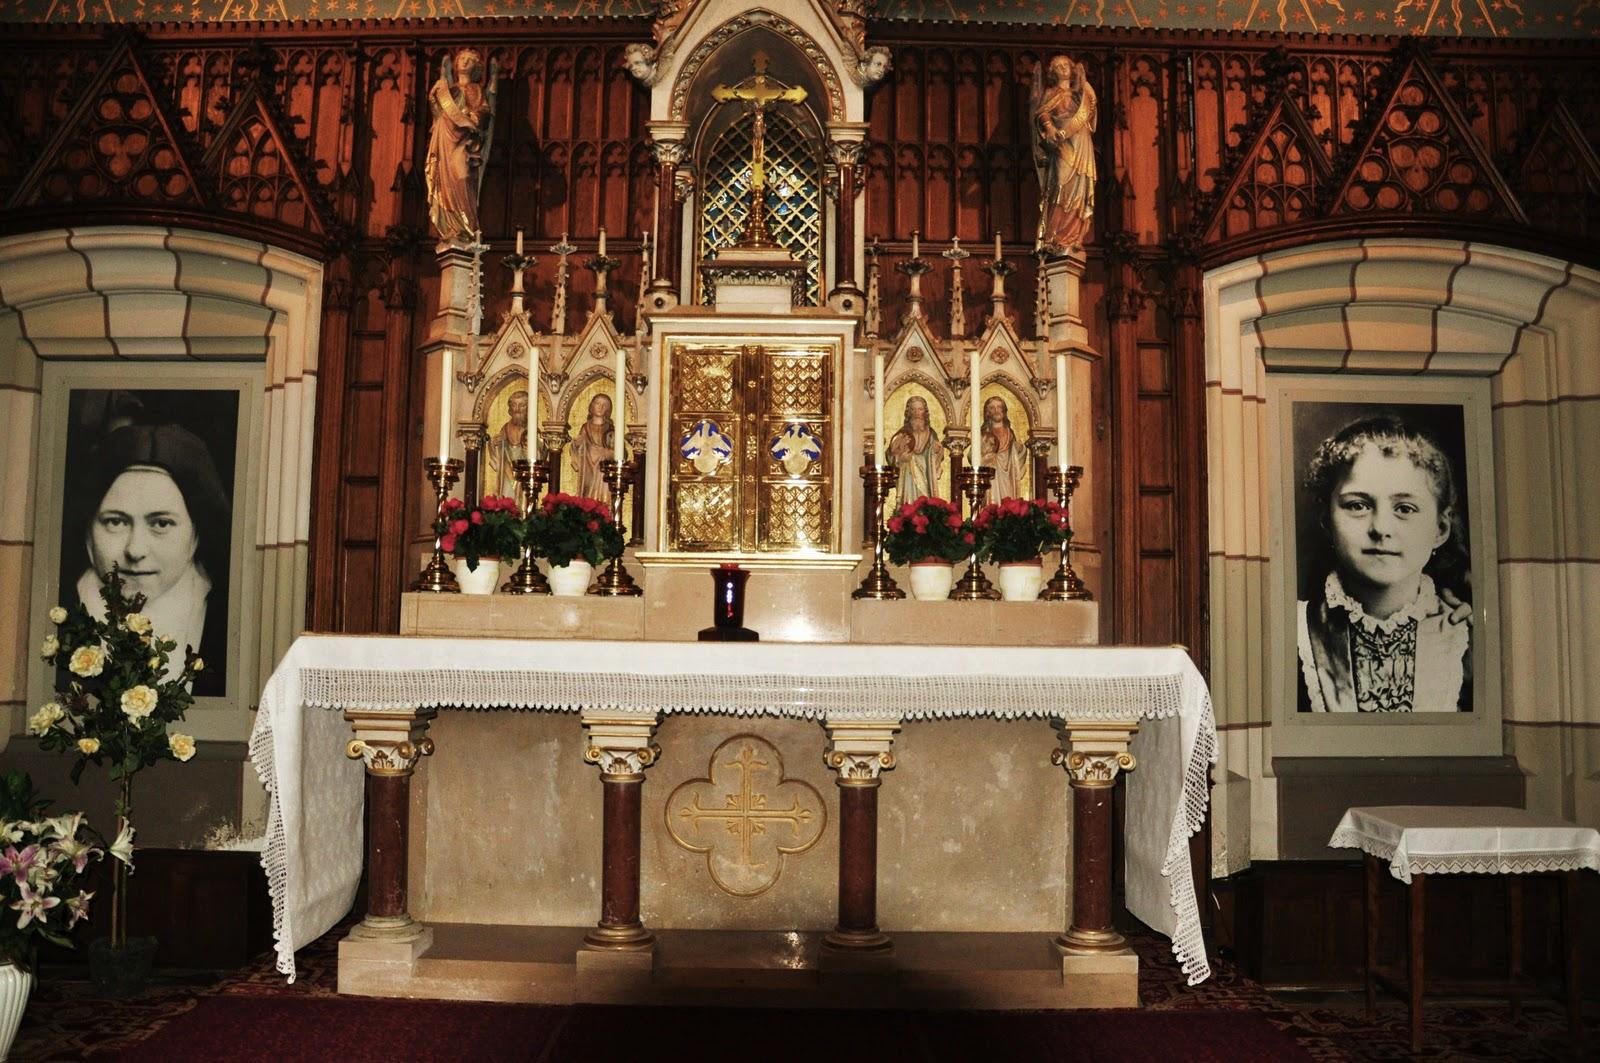 Bu trajediden sonra bu mülk carmelite rahibelerinin manastırına